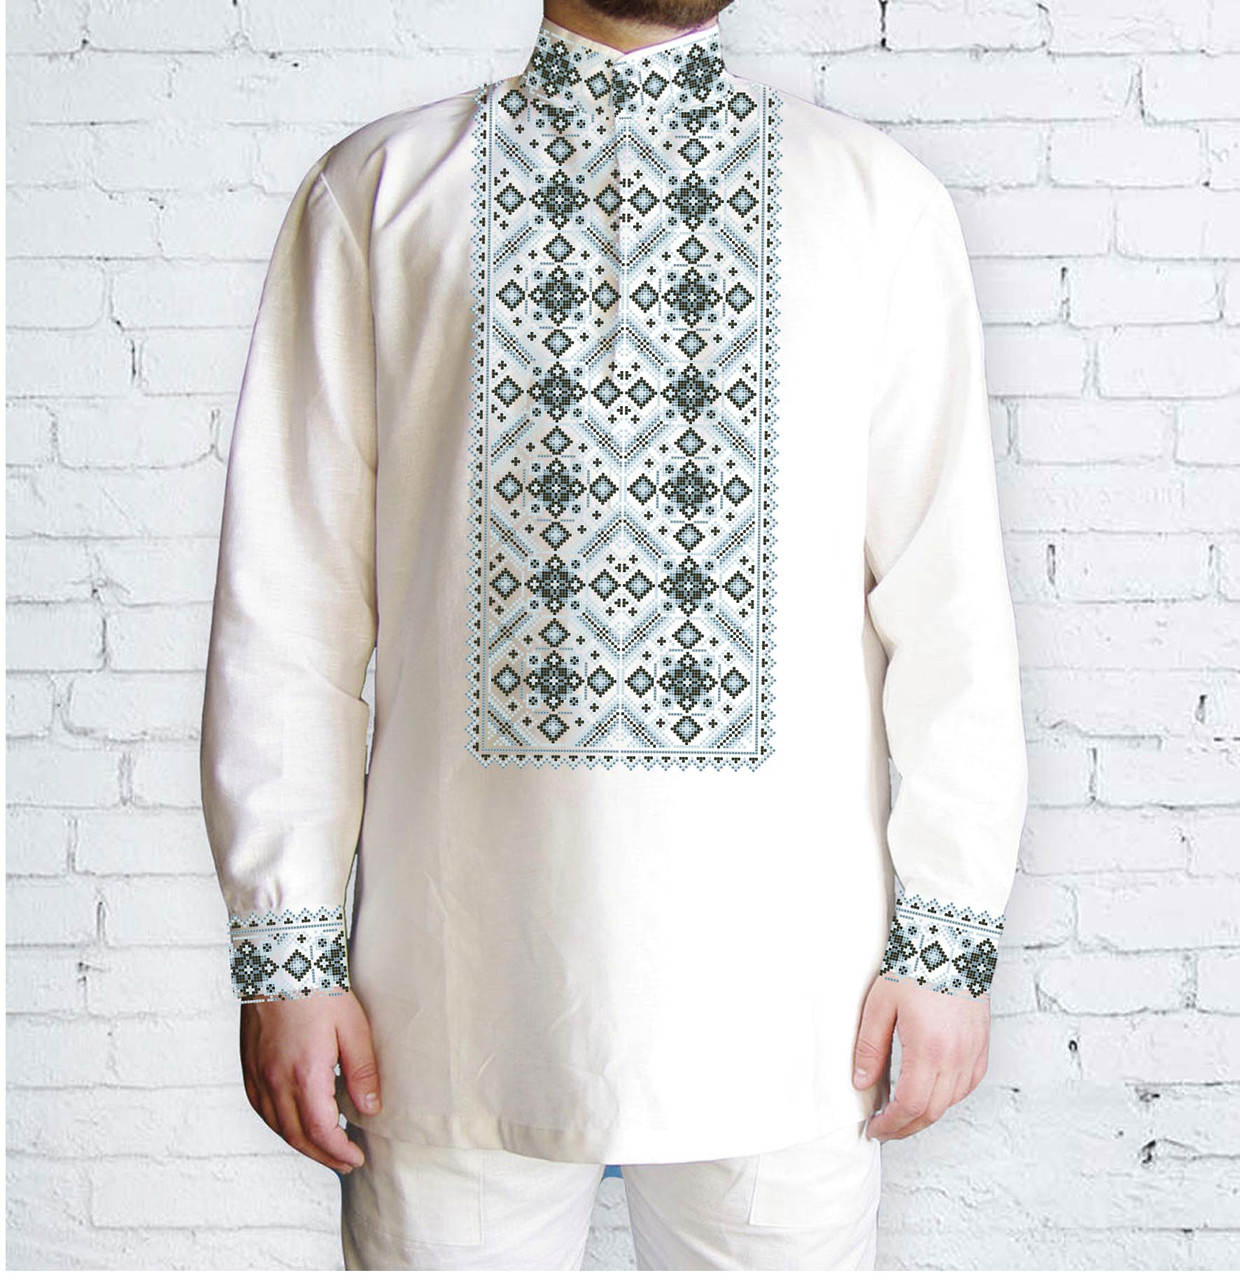 Заготовка чоловічої сорочки та вишиванки для вишивки чи вишивання бісером Бисерок «Ніжні лілії» (Ч-48 )